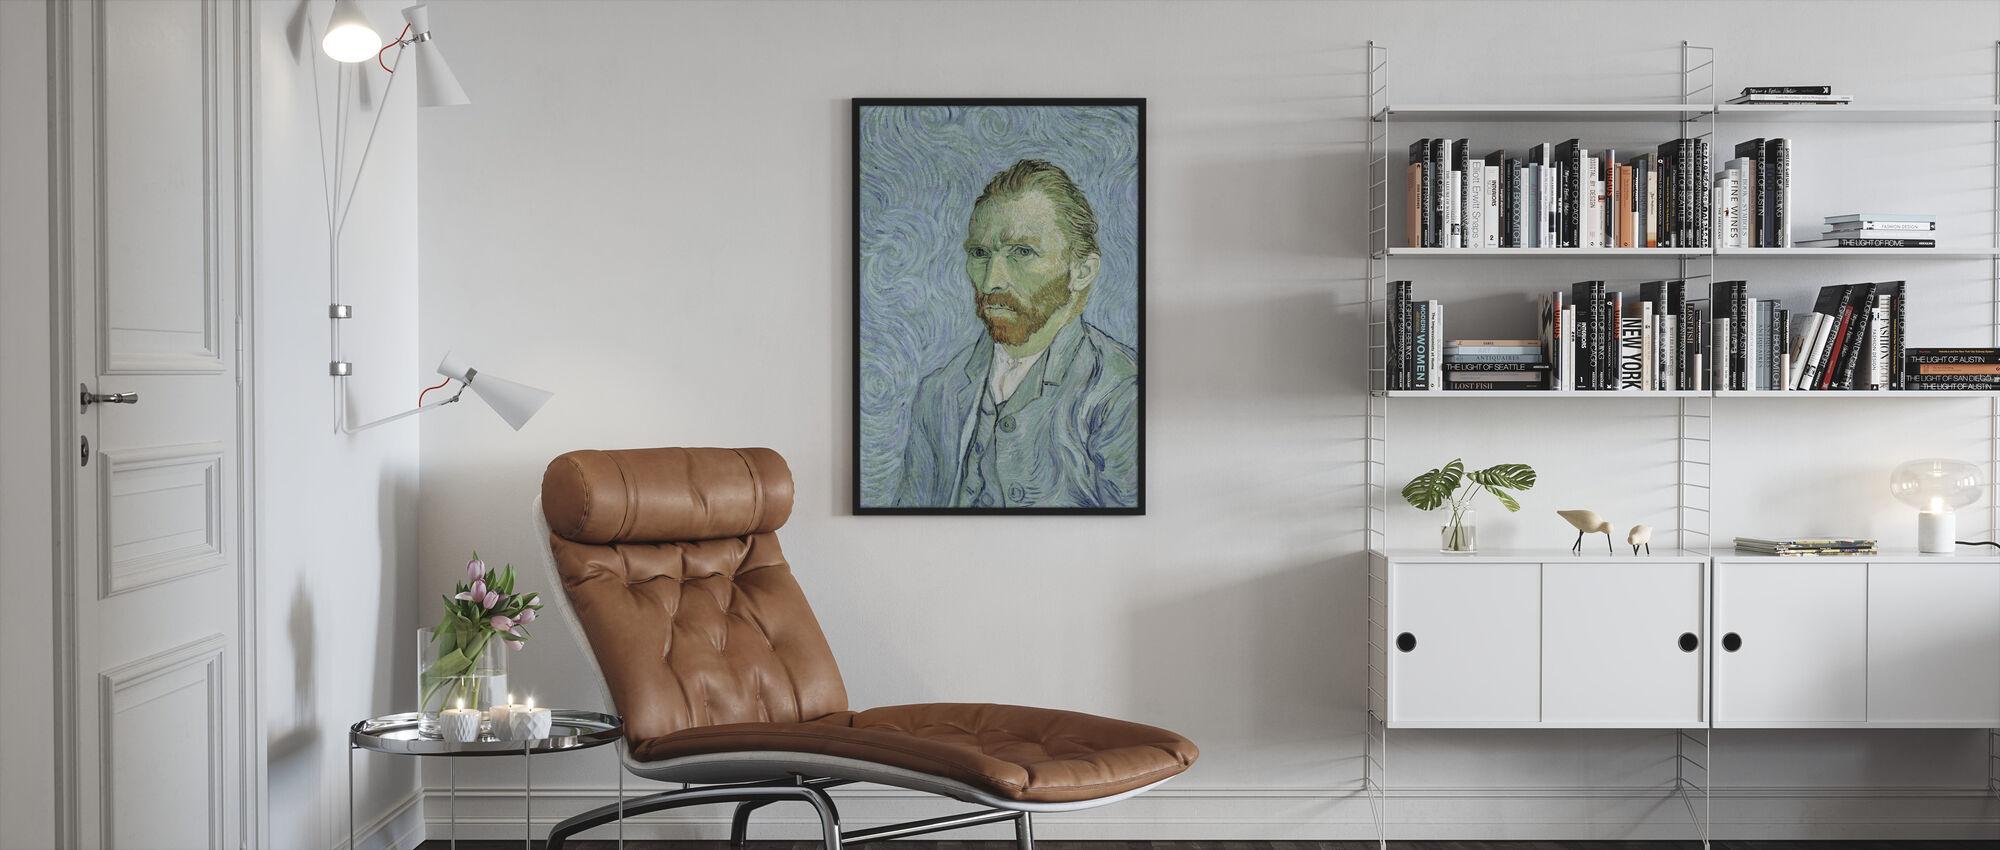 Self portrait, Vincent van Gogh - Framed print - Living Room